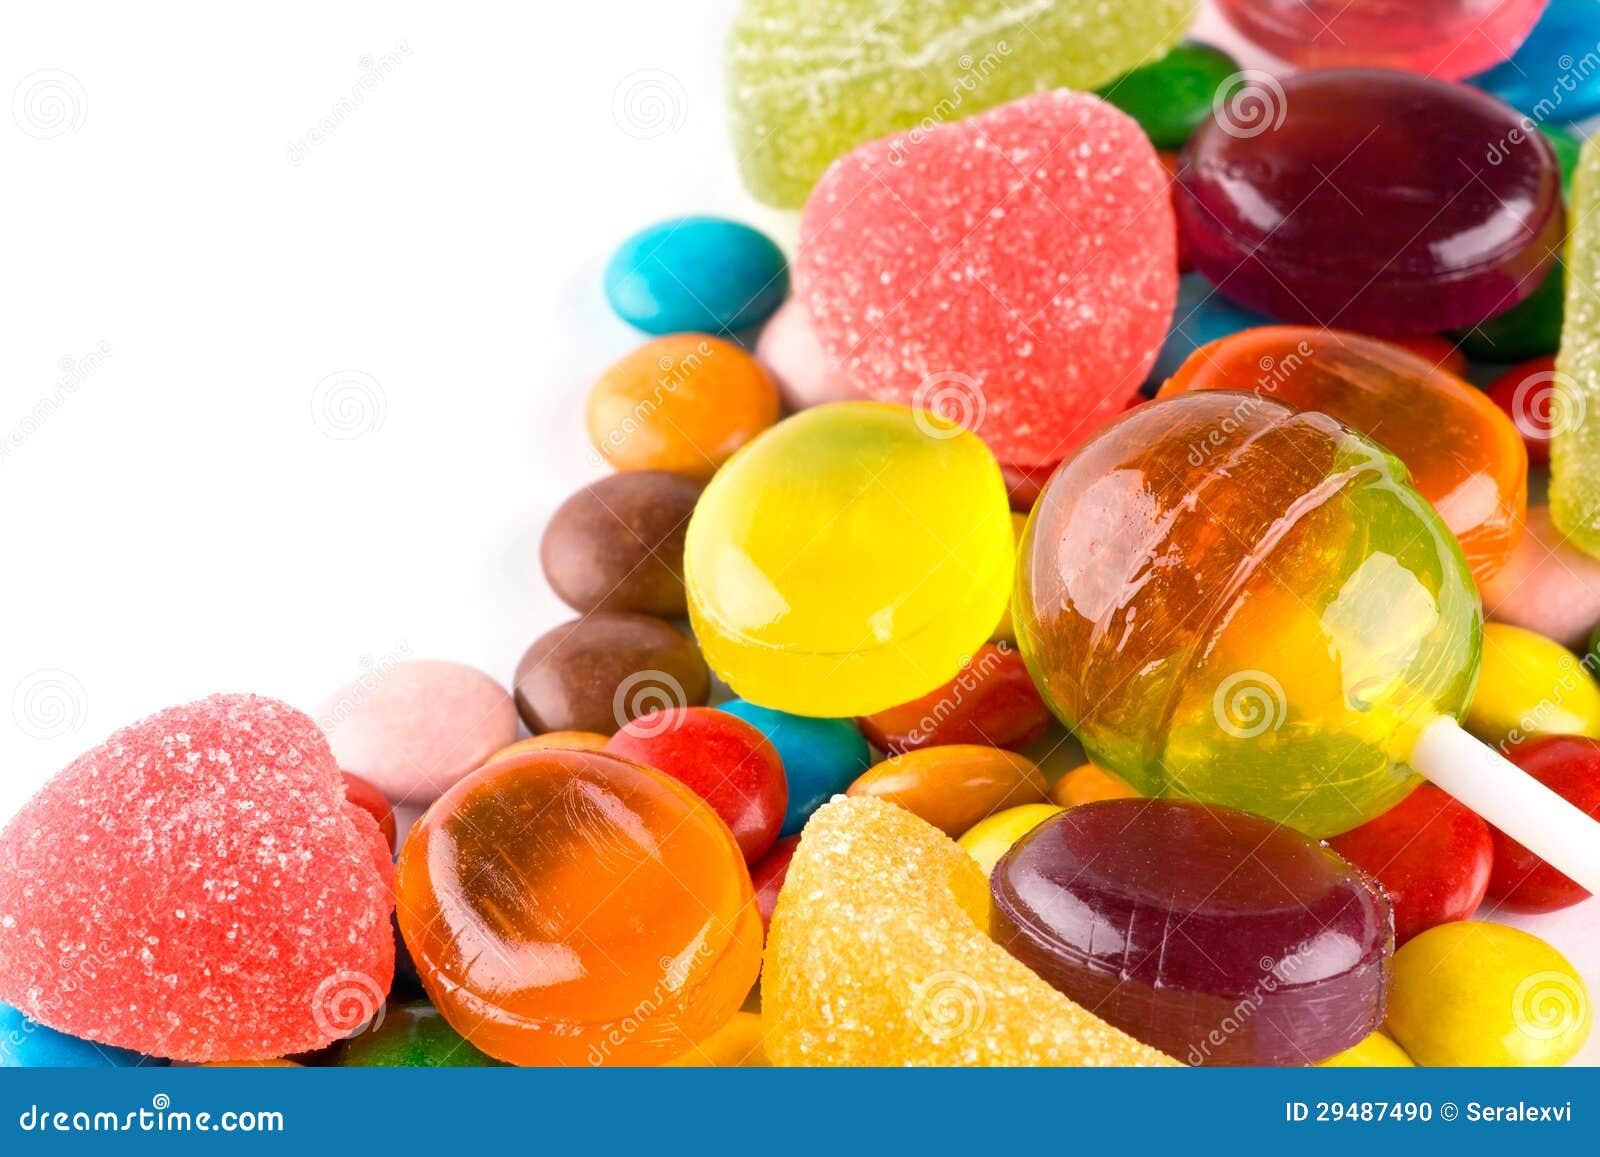 姐妹装糖果